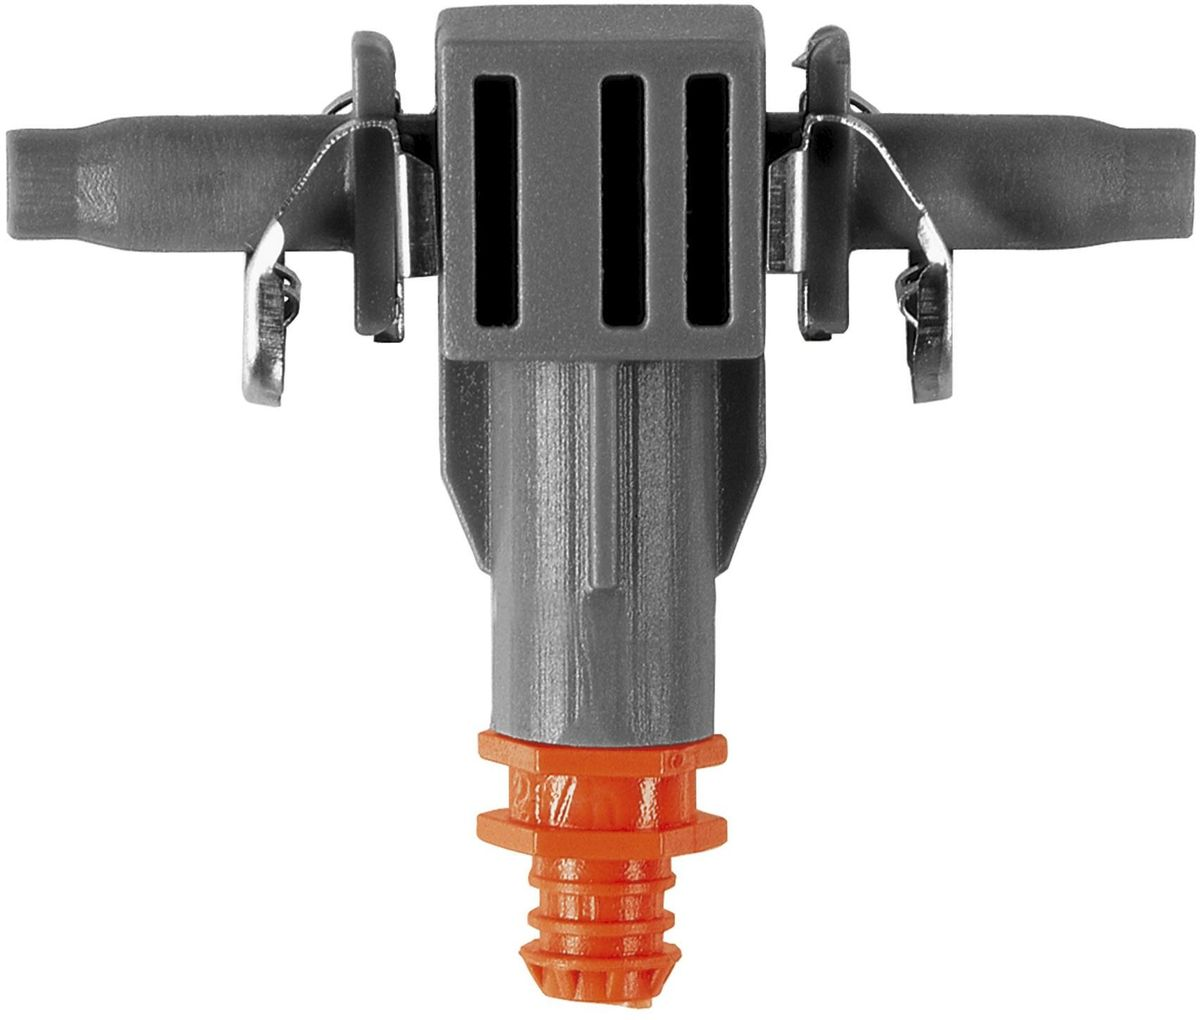 Капельница Gardena, внутренняя, с иглой и заглушкой, производительность 2 л/ч, 10 шт08343-29.000.00Внутренняя капельница Gardena является элементом системы микрокапельного полива Gardena Micro-Drip-System и предназначена для направленного полива посаженных в ряд растений с одинаковой потребностью в воде, например, на балконе. Производительность капельницы около 2 л/ч. Благодаря патентованной технологии быстрого подсоединения Quick & Easy, крепление капельницы к подающему шлангу диаметром 4,6 мм (3/16 дюйма) выполняется особенно просто. В комплект поставки входят десять капельниц, одна игла для прочистки и одна заглушка. Игла предназначена для удобной прочистки загрязненных капельниц.